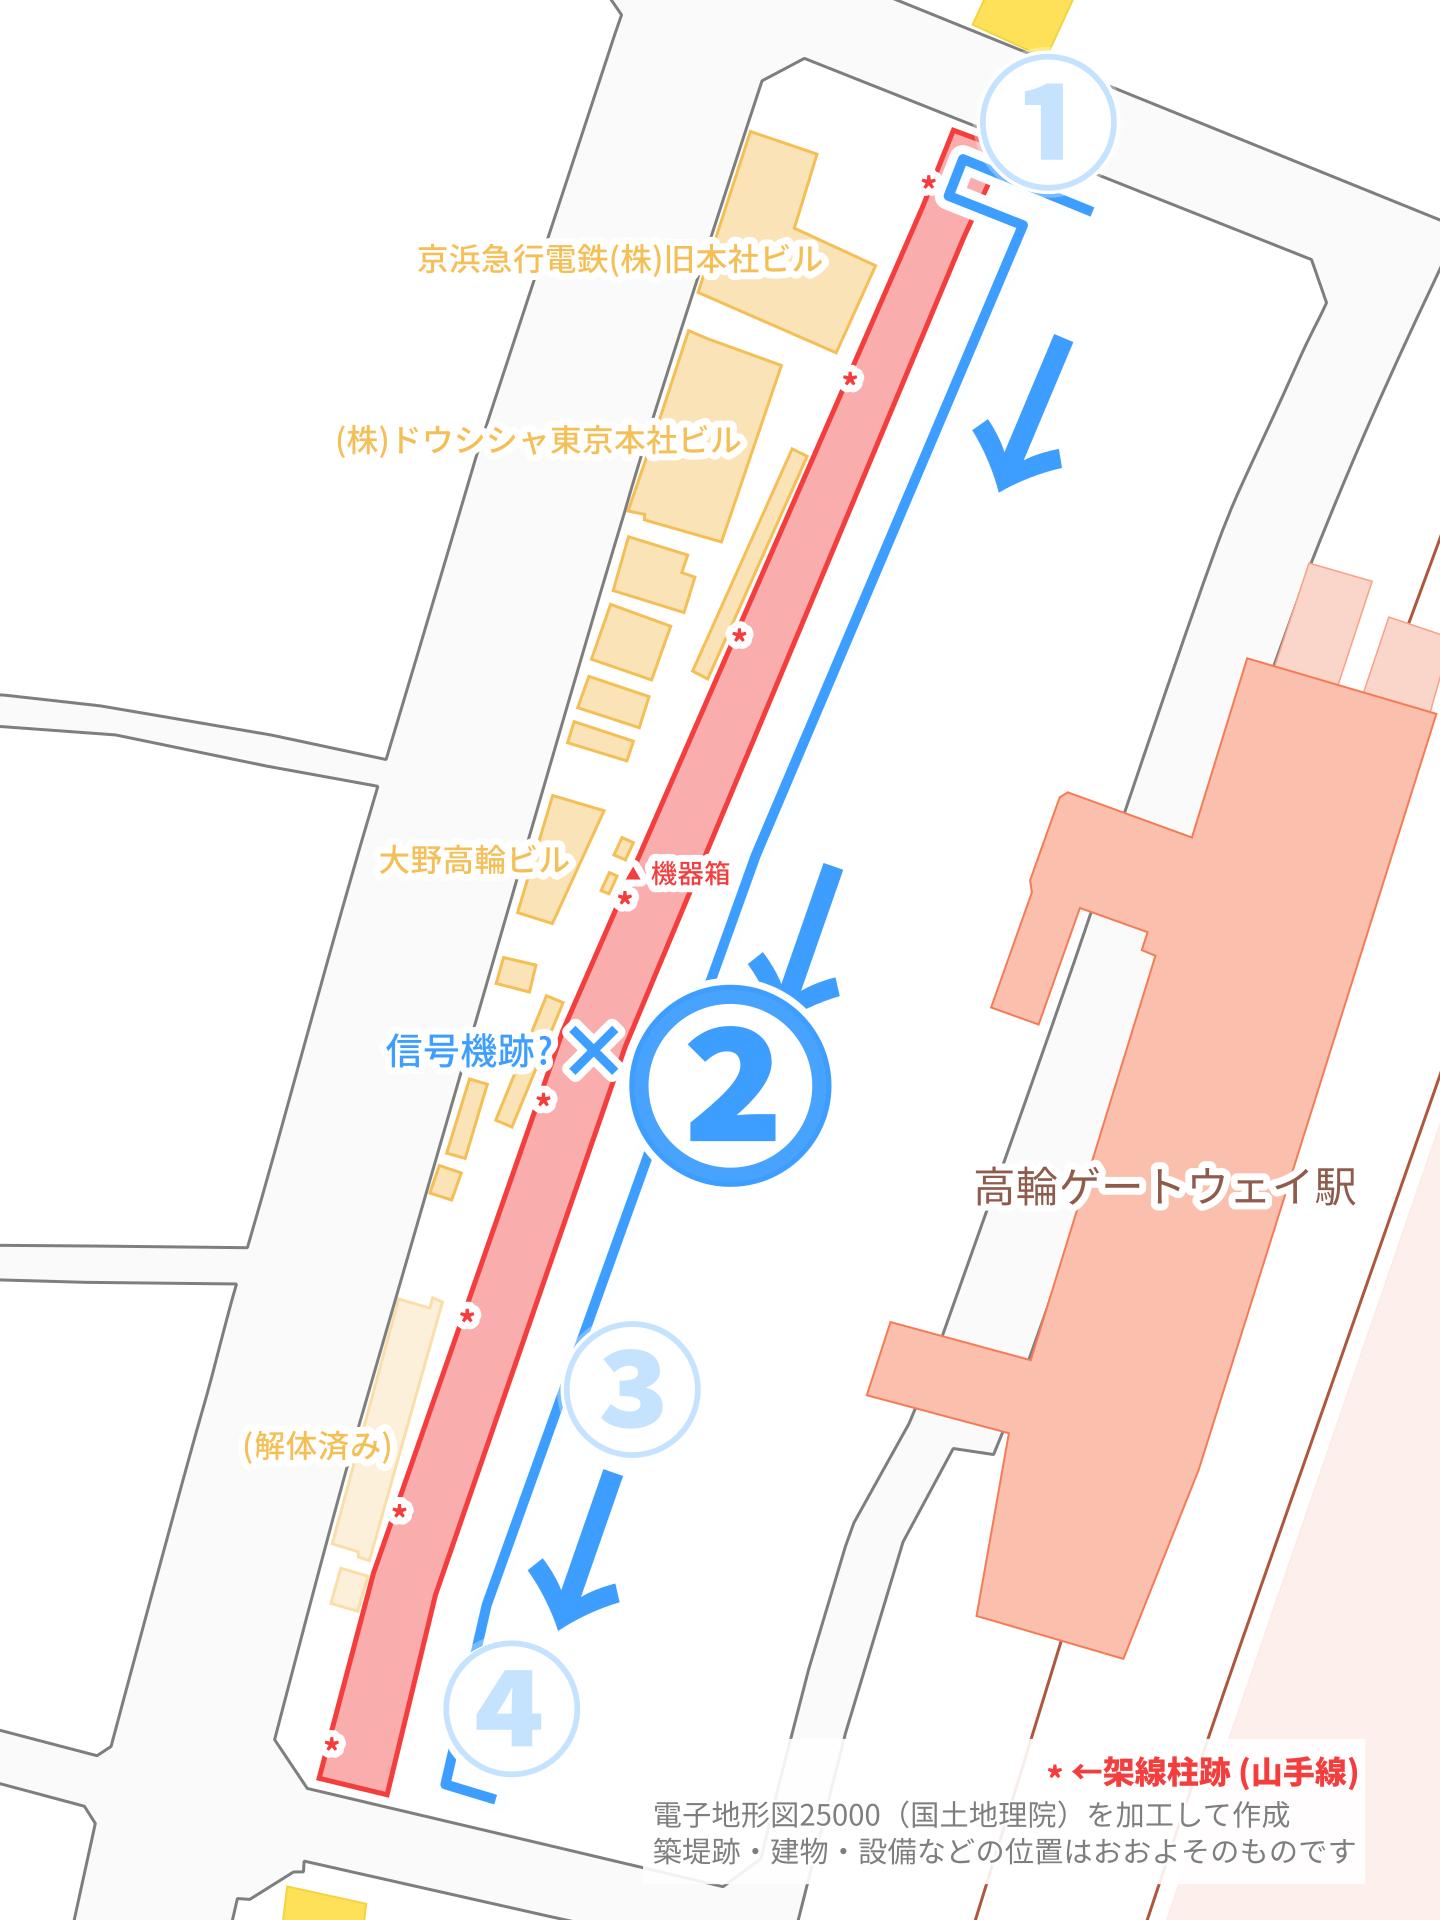 見学エリア付近の拡大地図